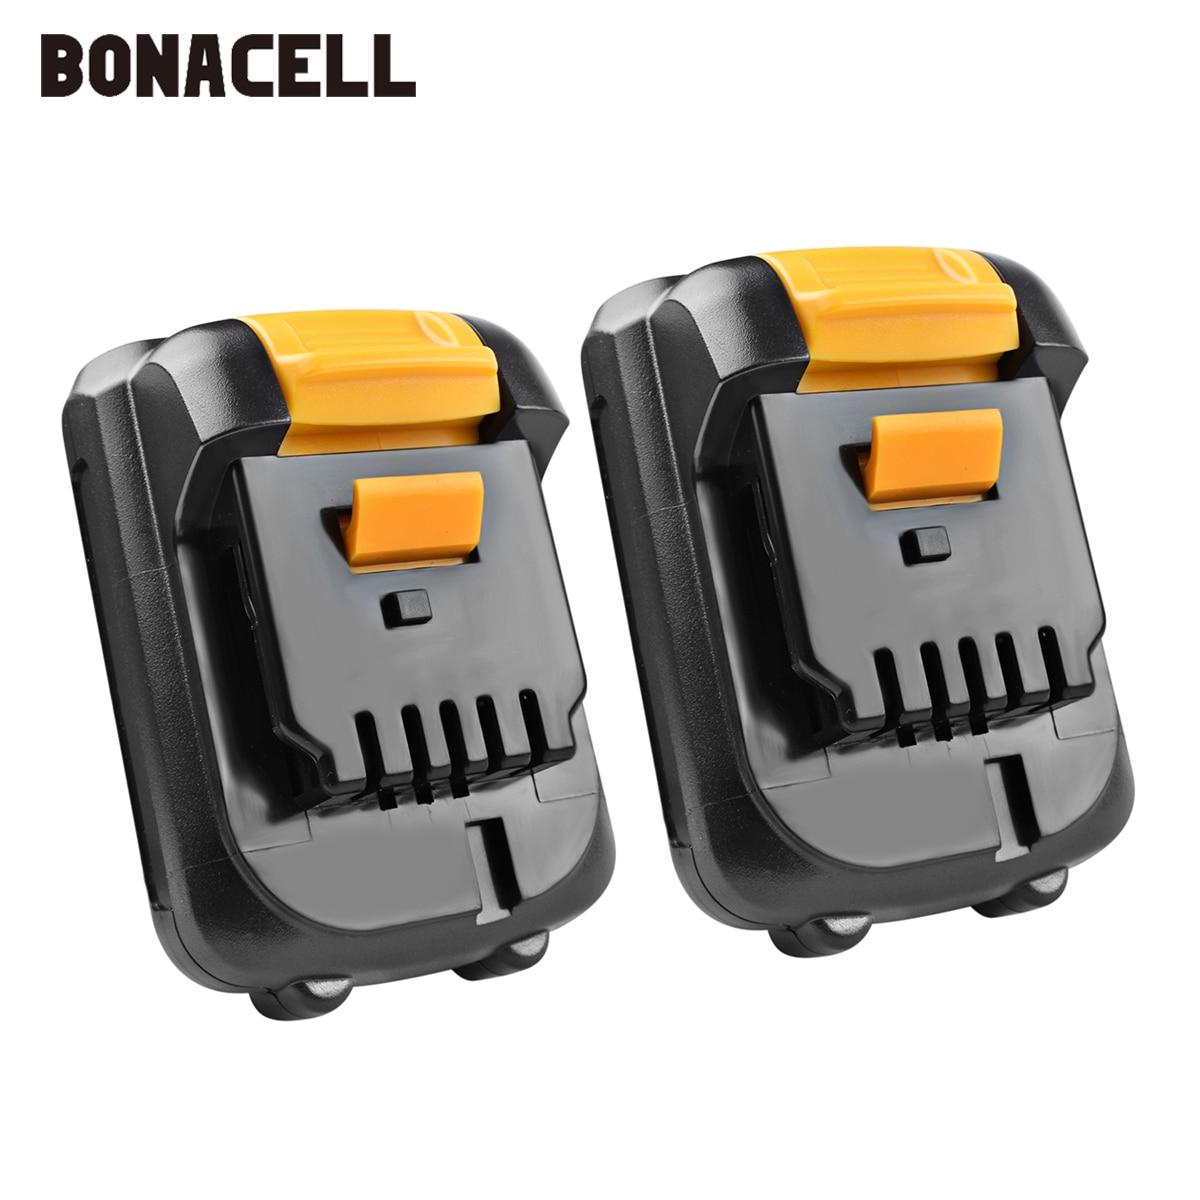 Bonacell Power Tool Battery For Dewalt 12V MAX Li-ion DCB120 DCB121 DCB123 DCB125 DCD710 DCF813 DCF815 DCF610 DCB100 DCT410S 50